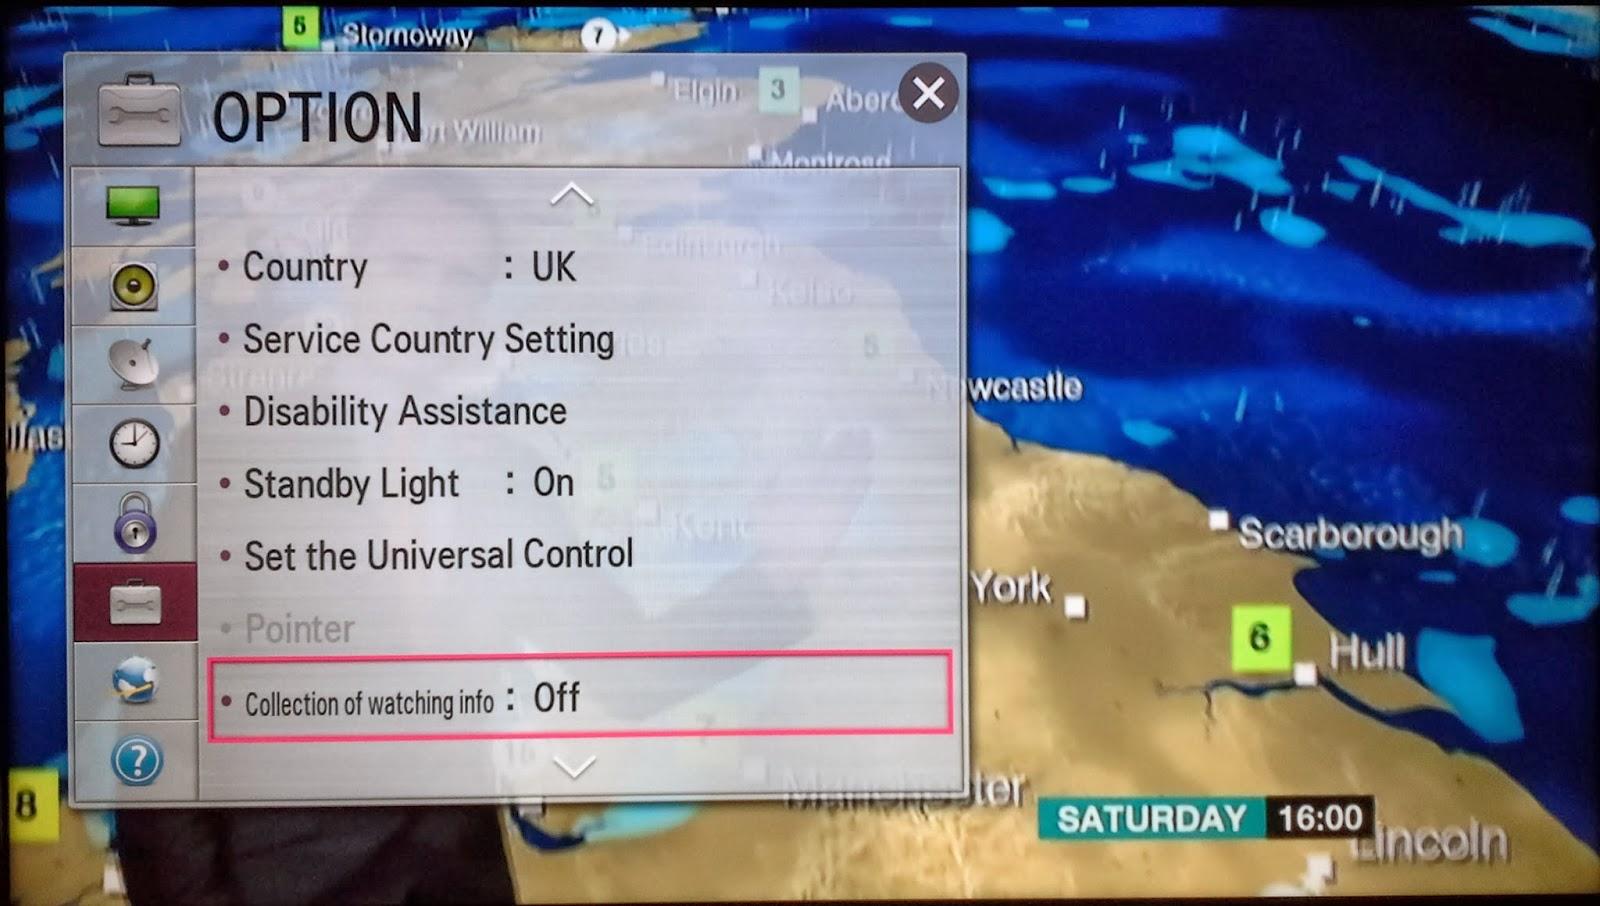 lg smart tv user manual